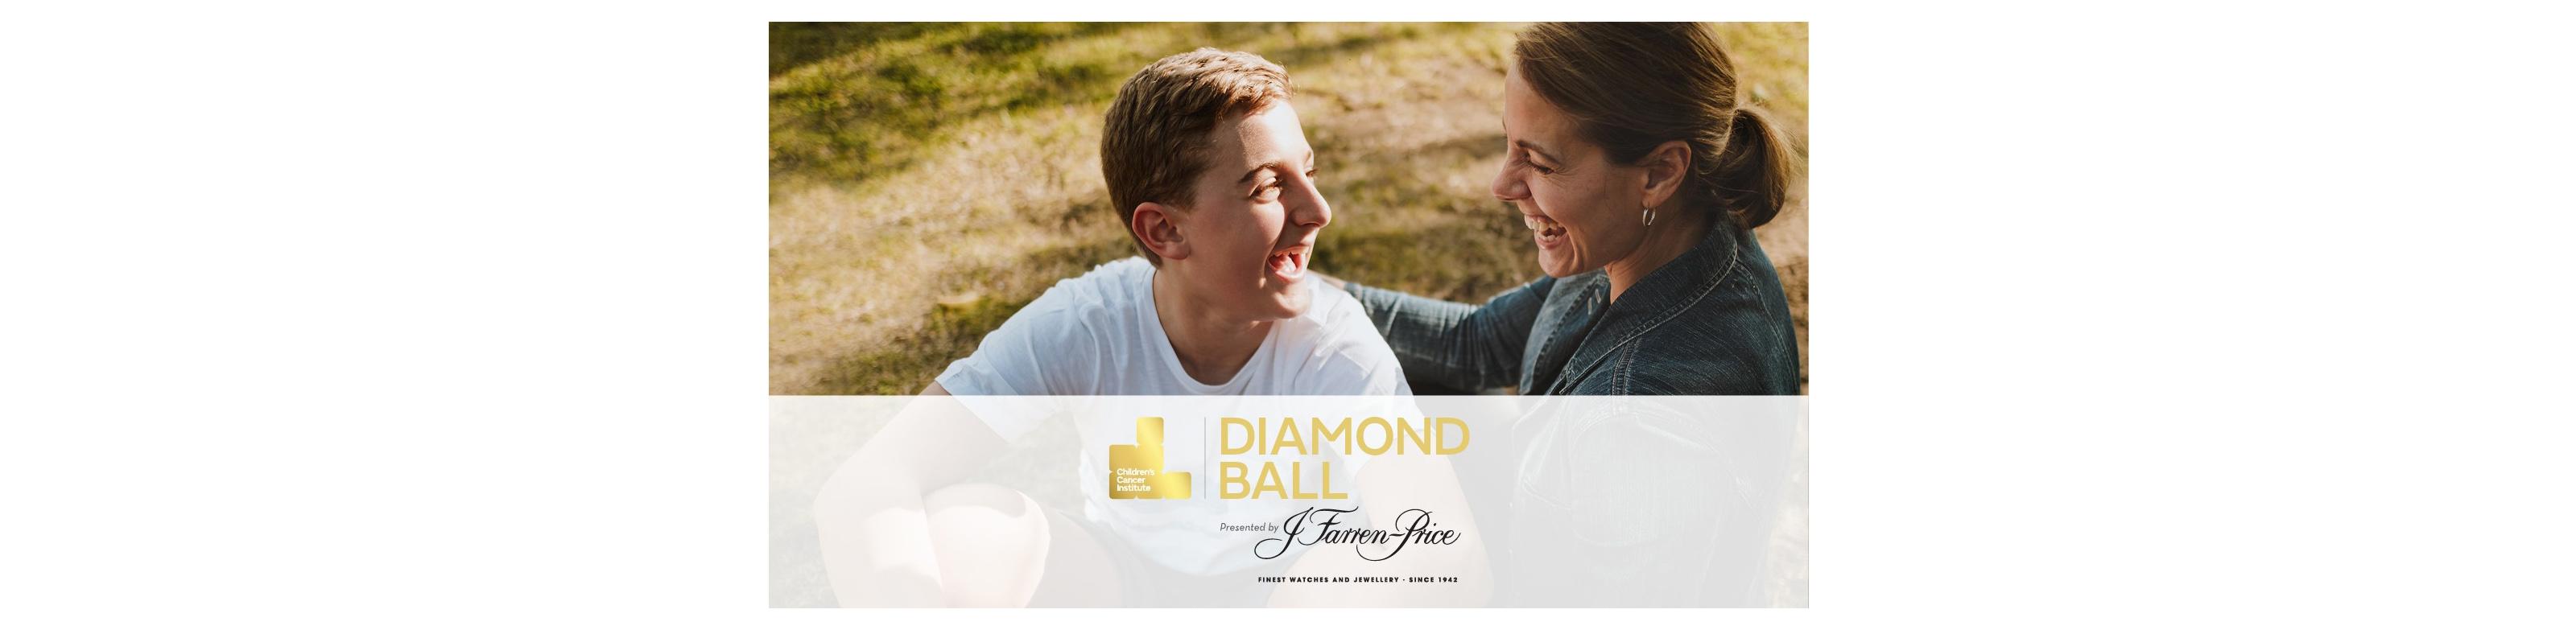 J FARREN-PRICE – MAJOR SPONSOR FOR CHILDREN'S CANCER DIAMOND BALL article hero image